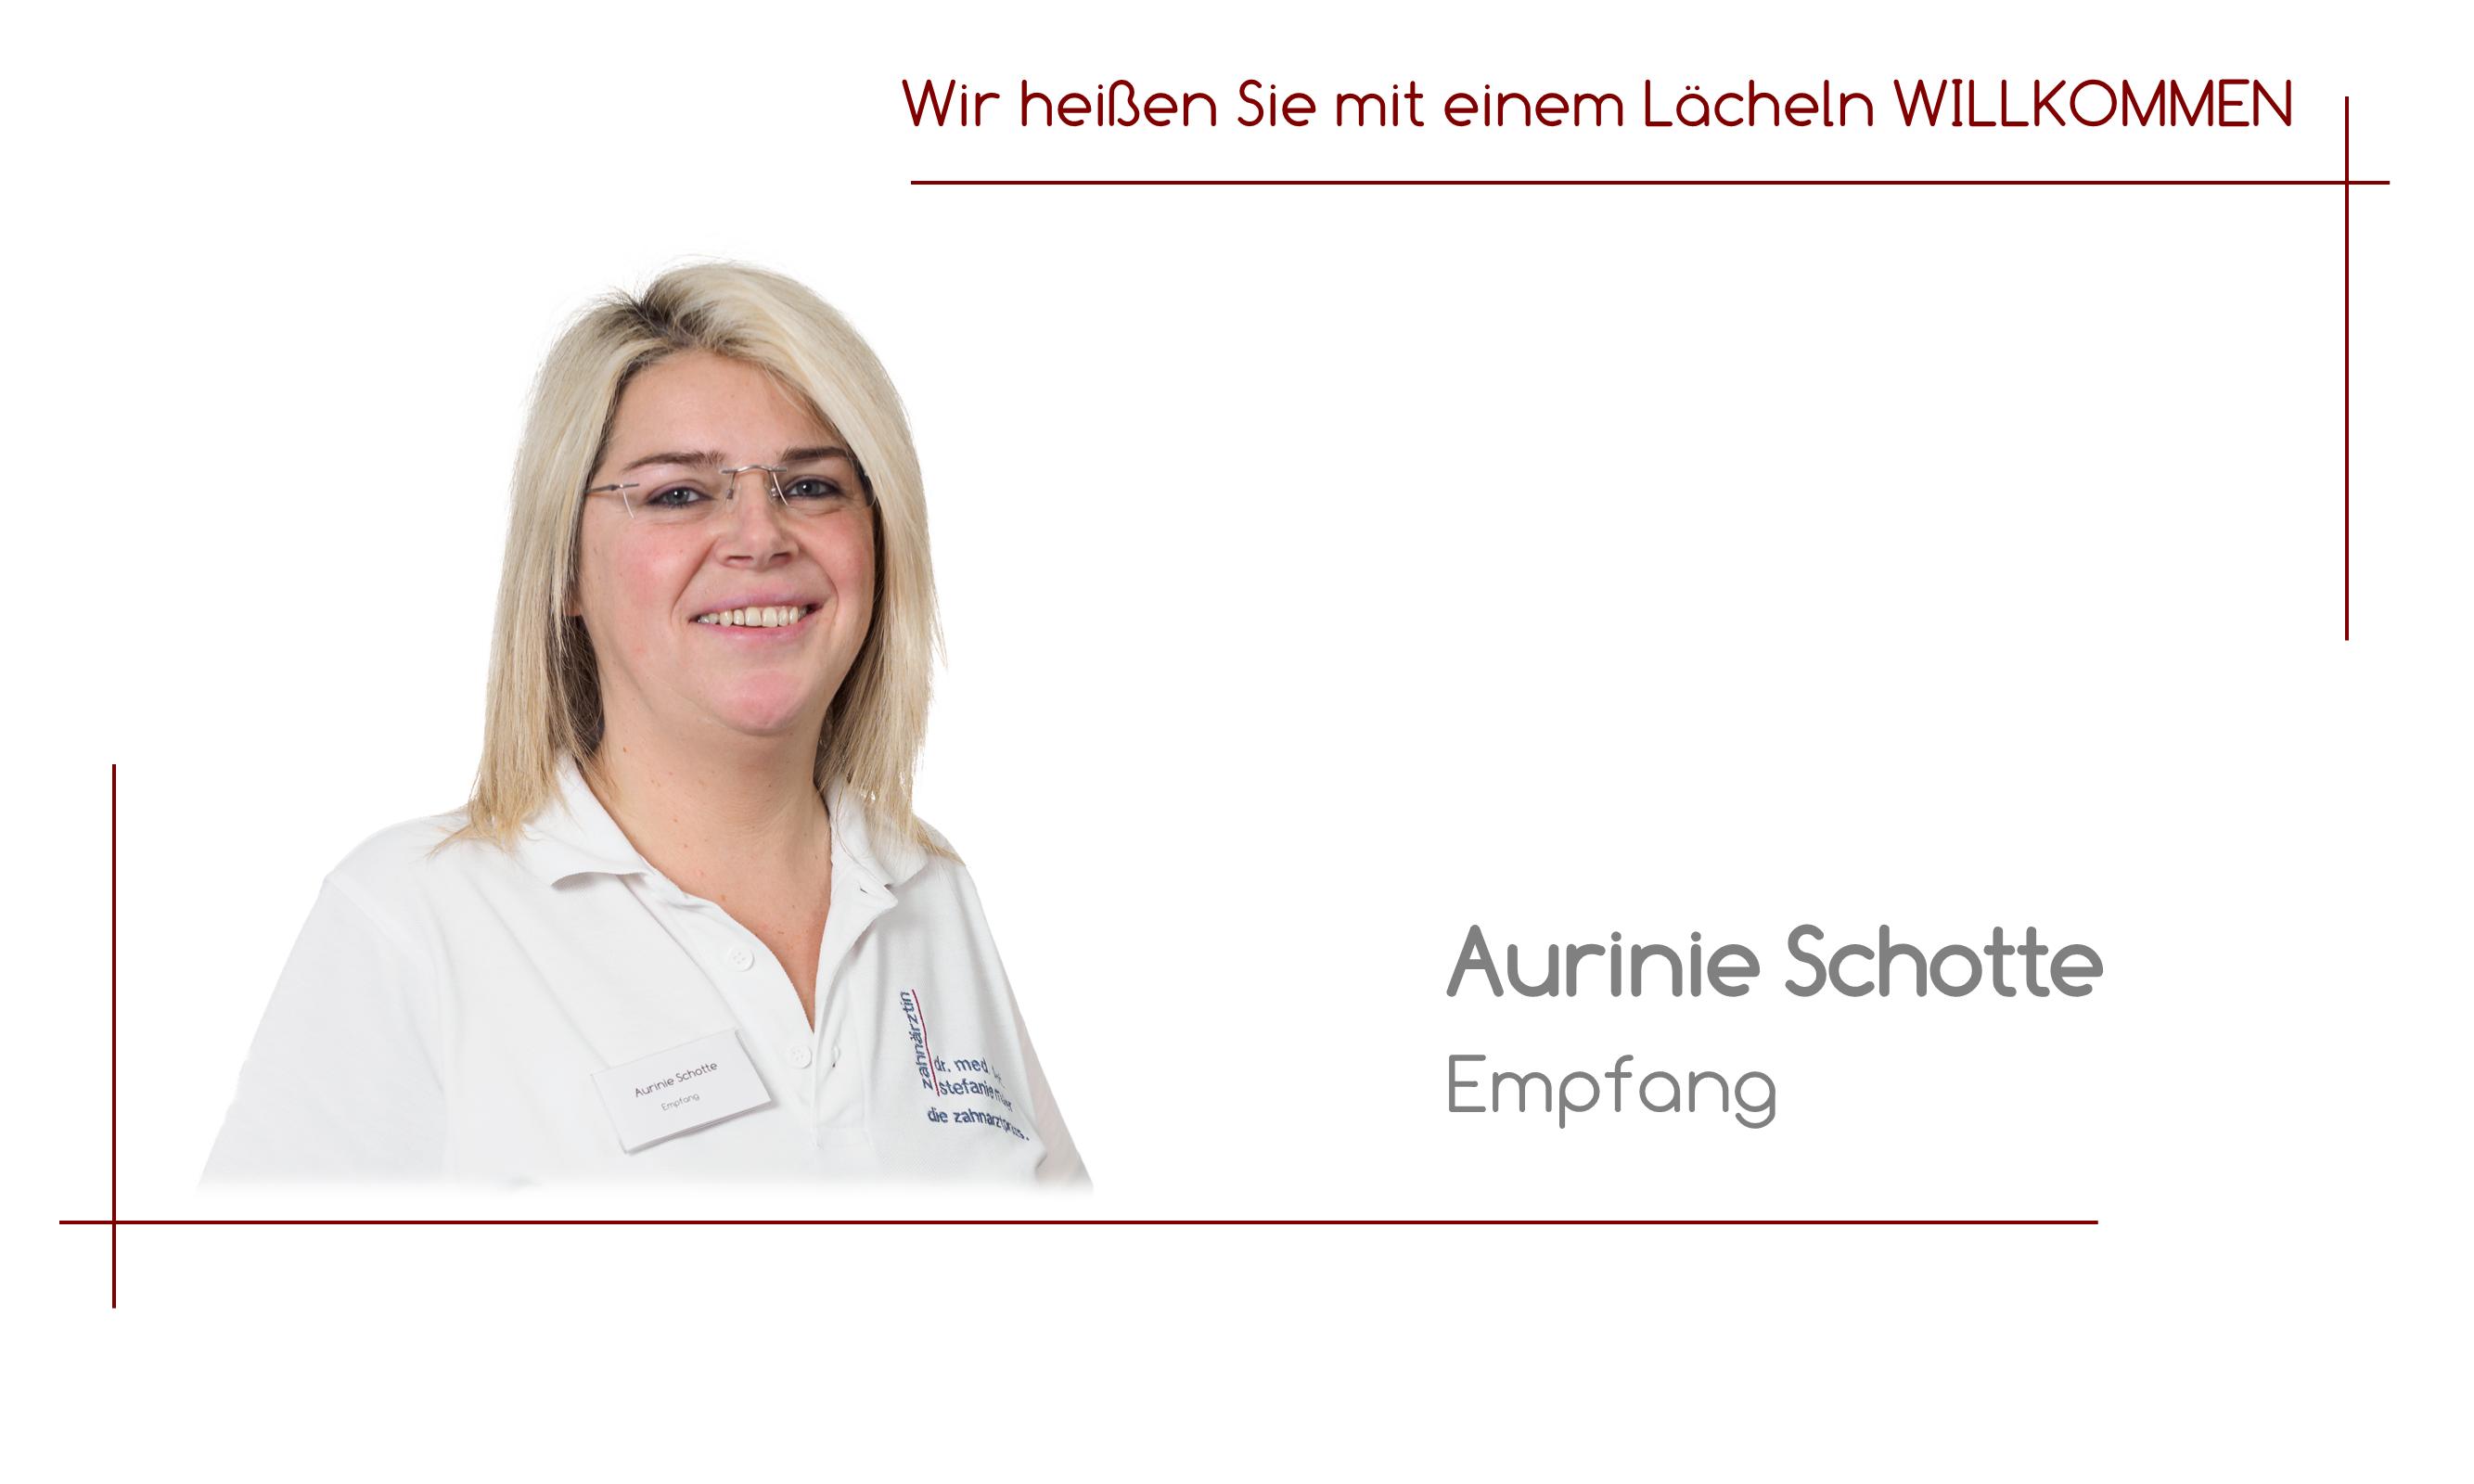 Aurinie Schotte - Empfang